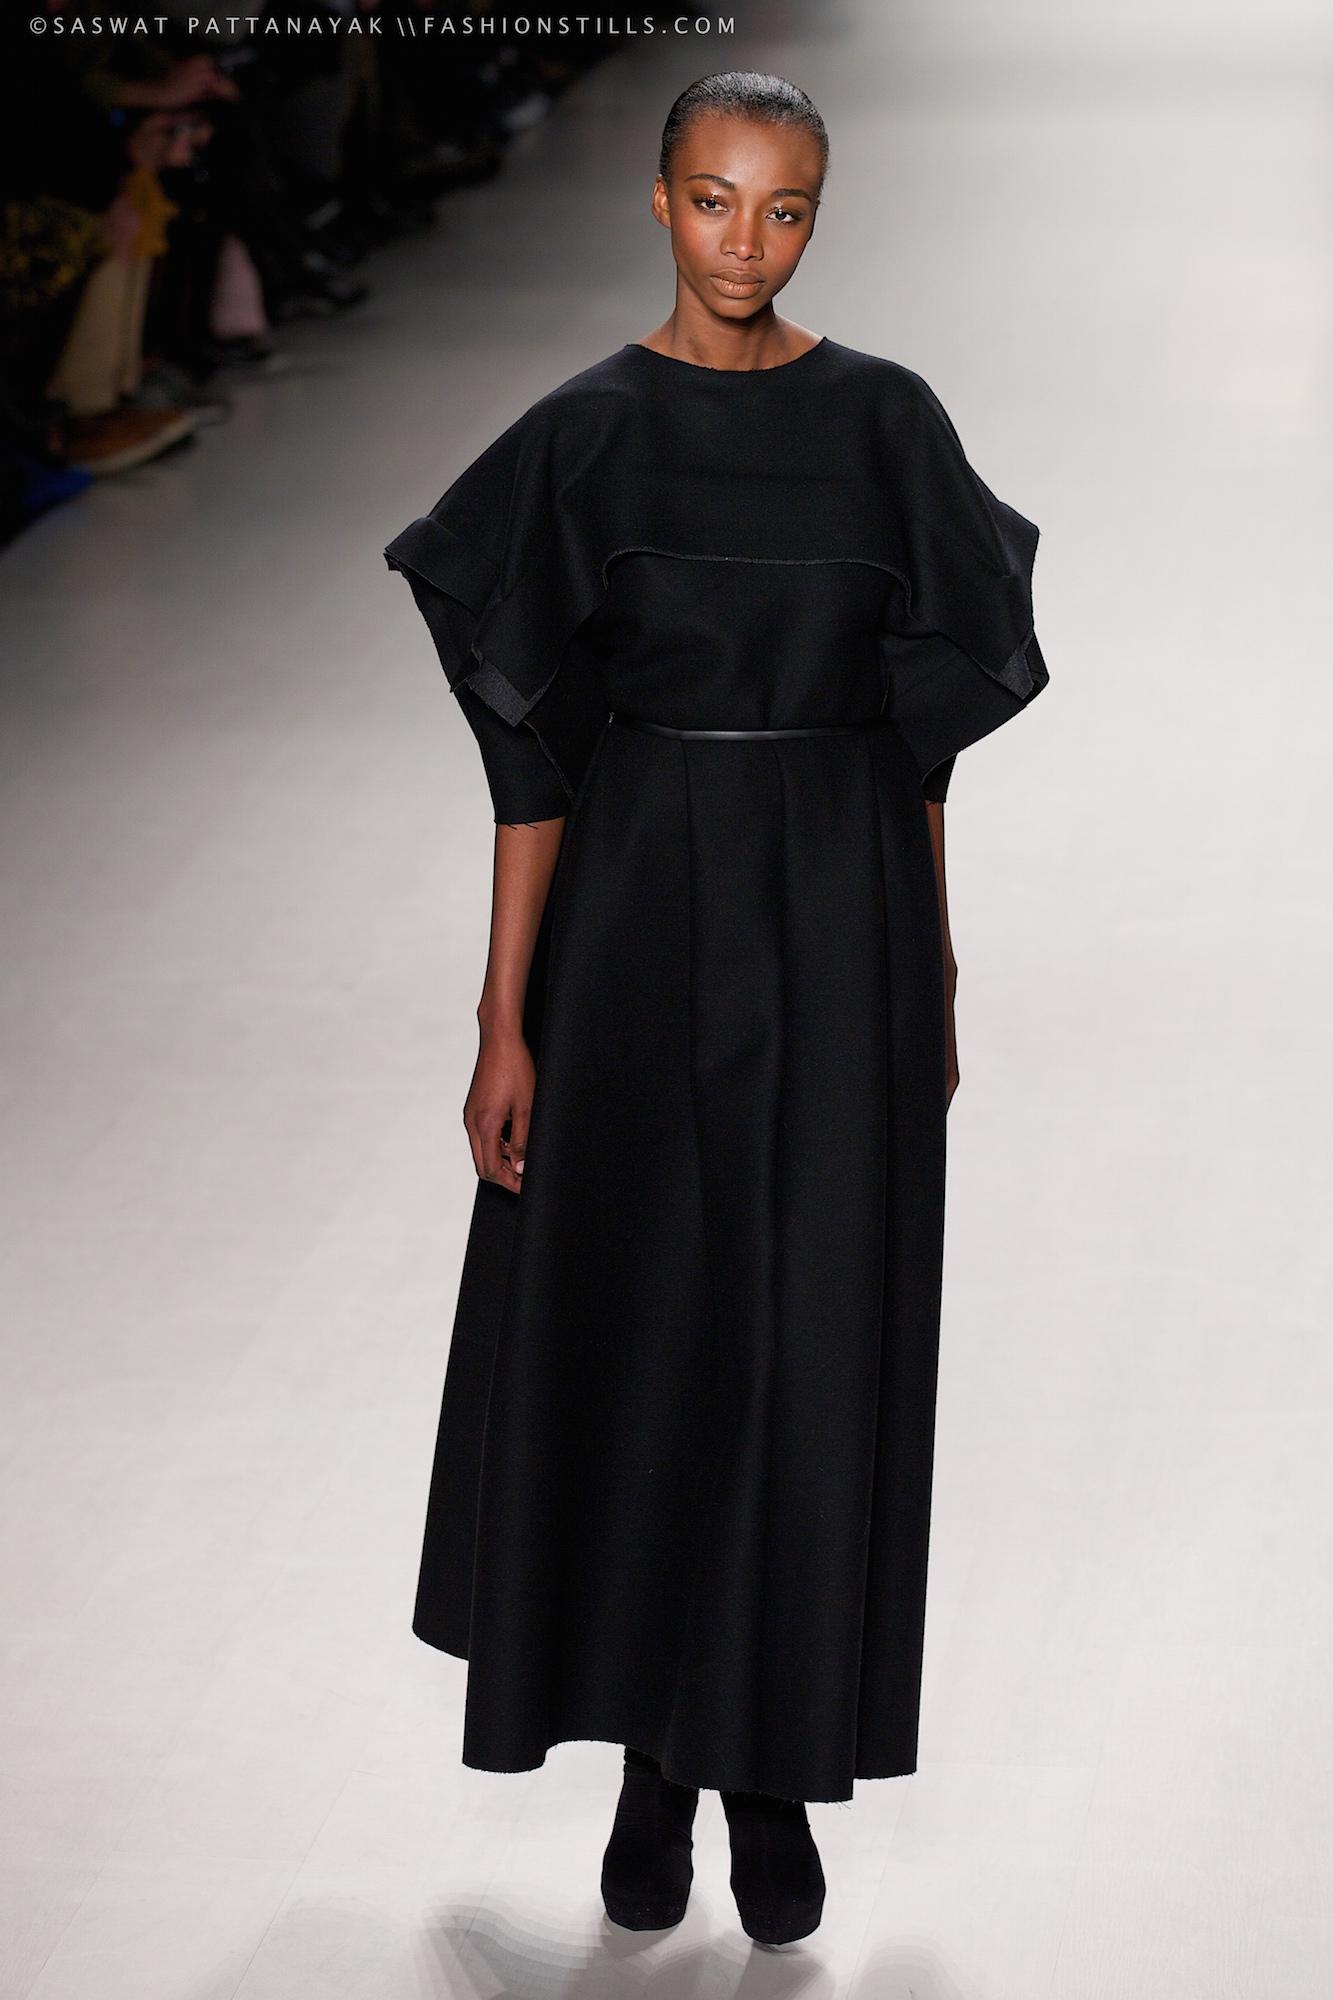 saswat-fashion-week11.jpg